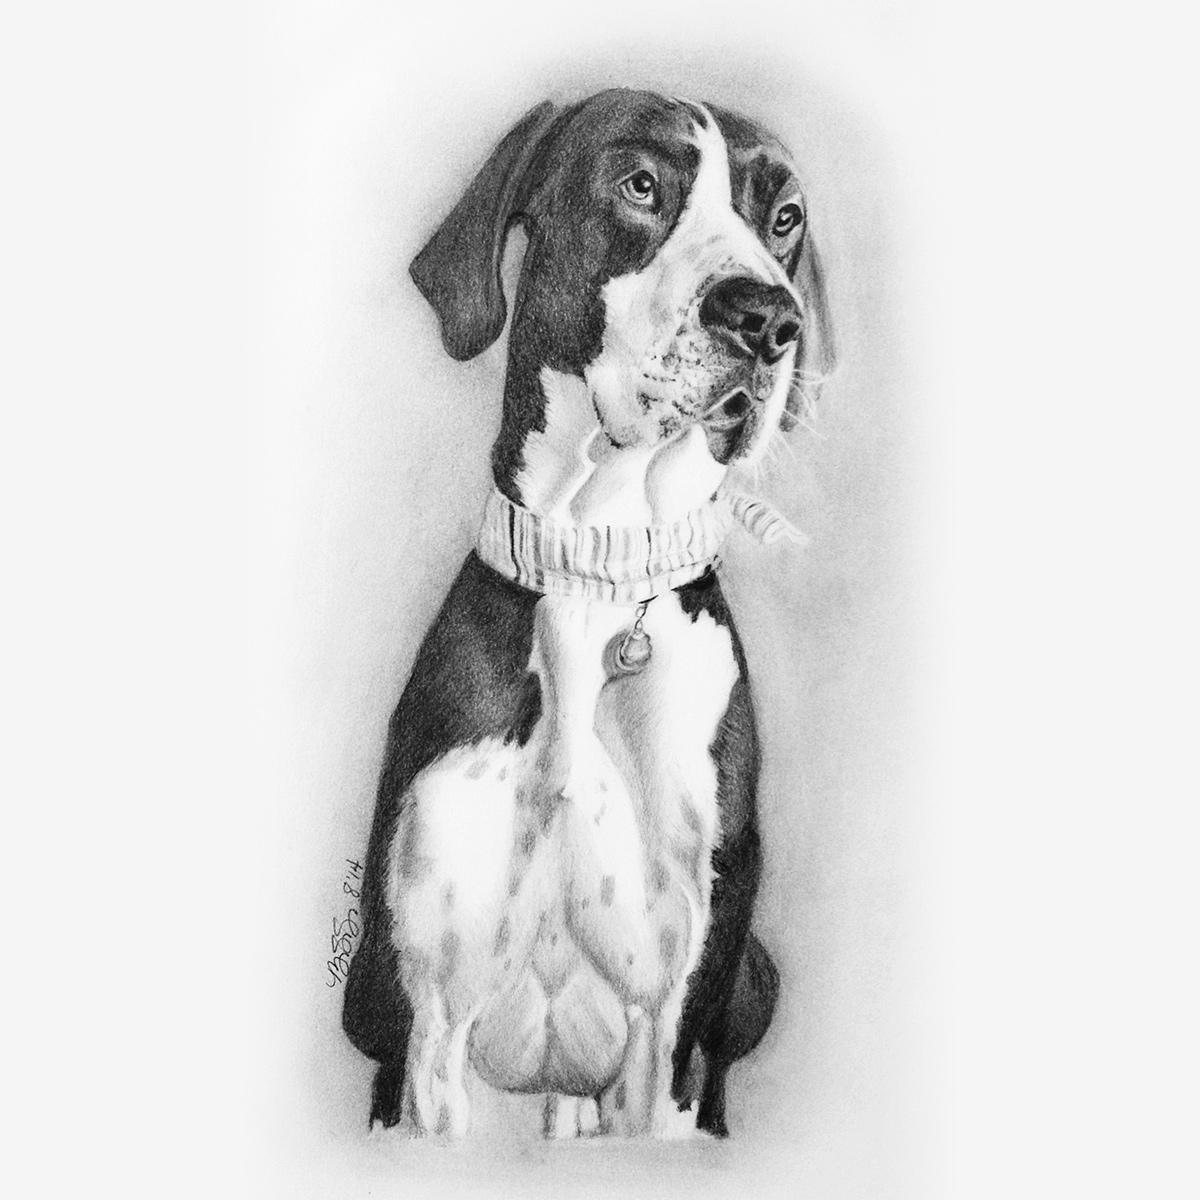 Dog Pencil Portraits - pets